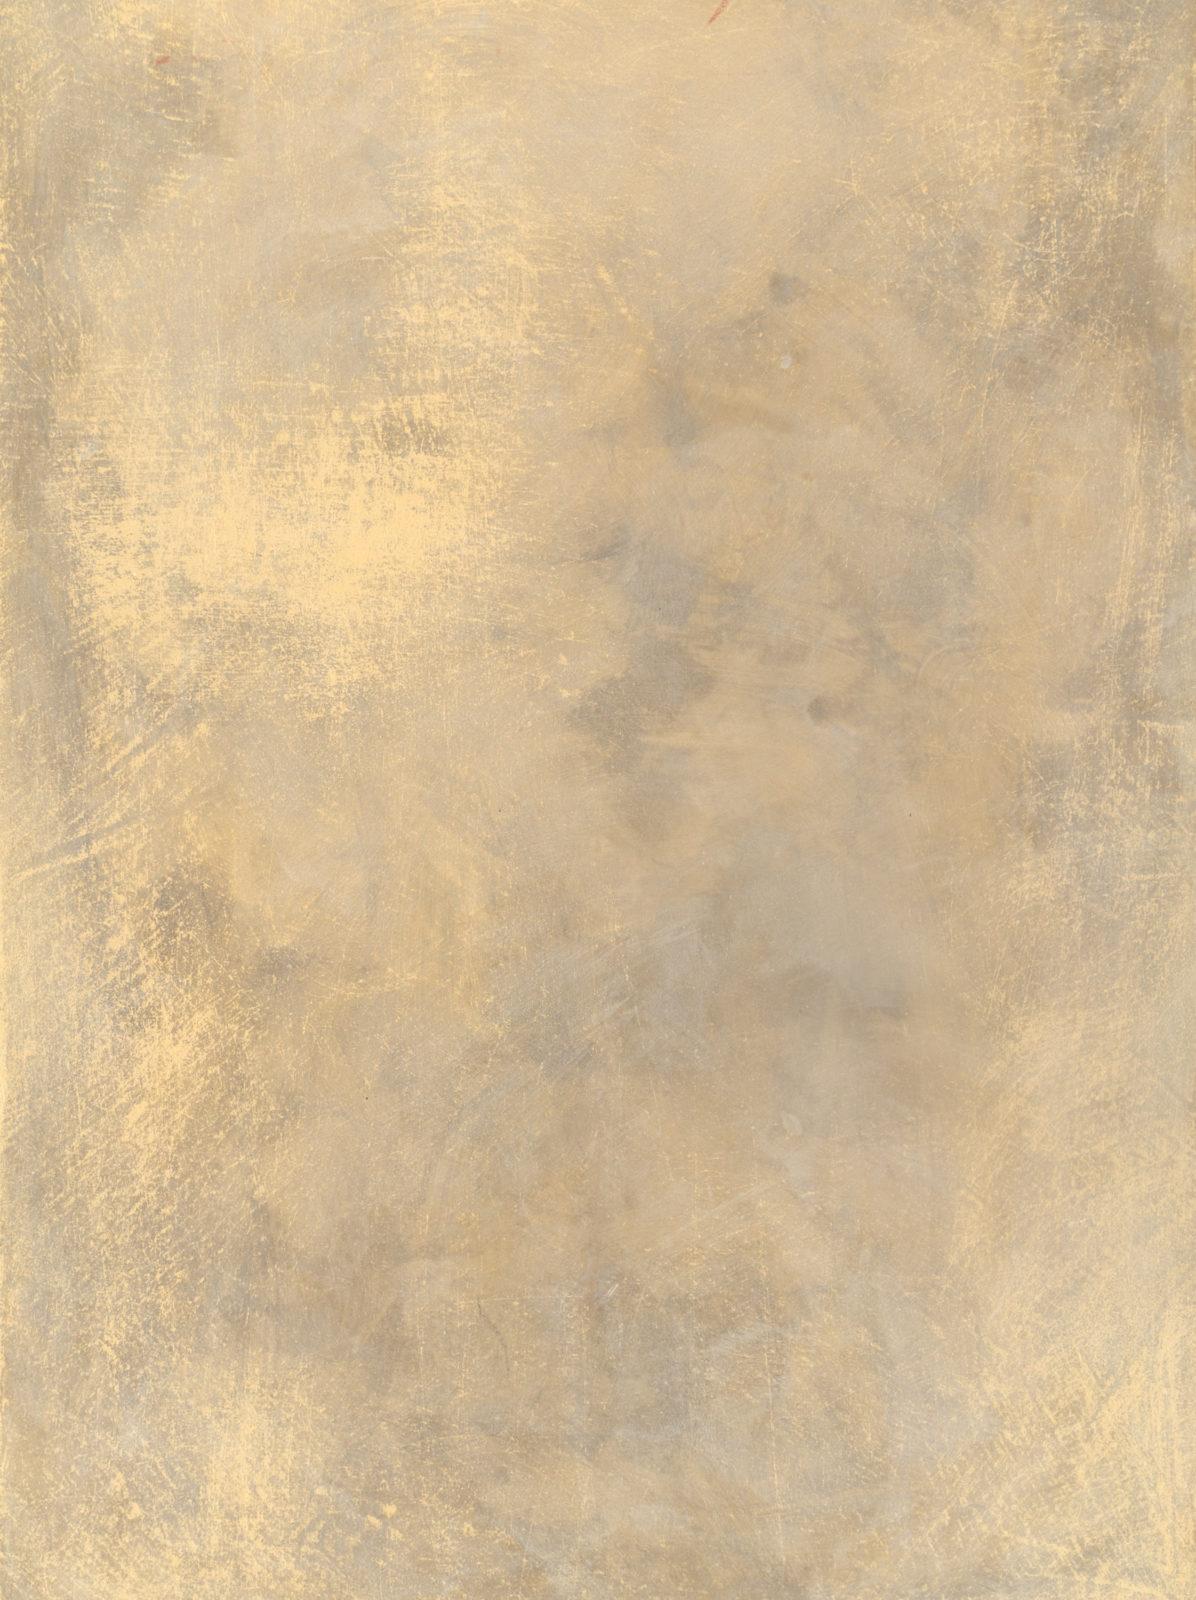 Декоративная фактура с естественной потертостью выцветших от времени стен. Фотография